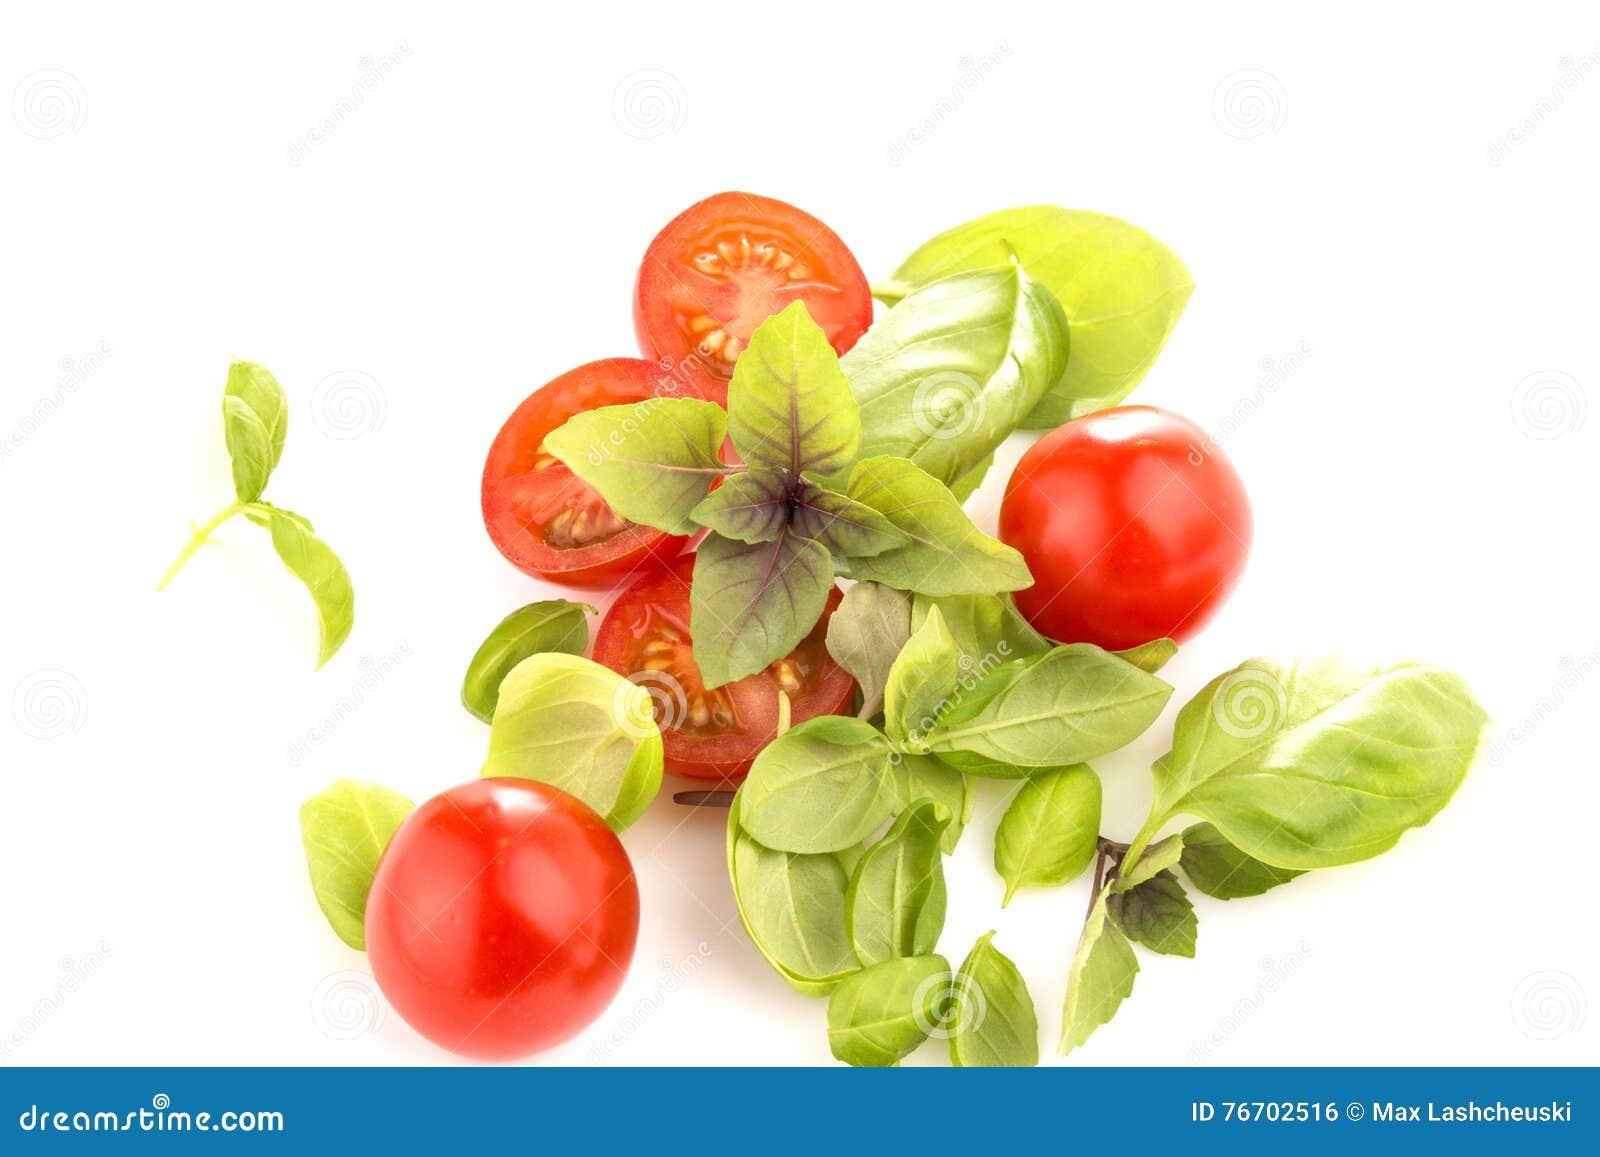 Ντομάτες με το βασιλικό στο άσπρο υπόβαθρο